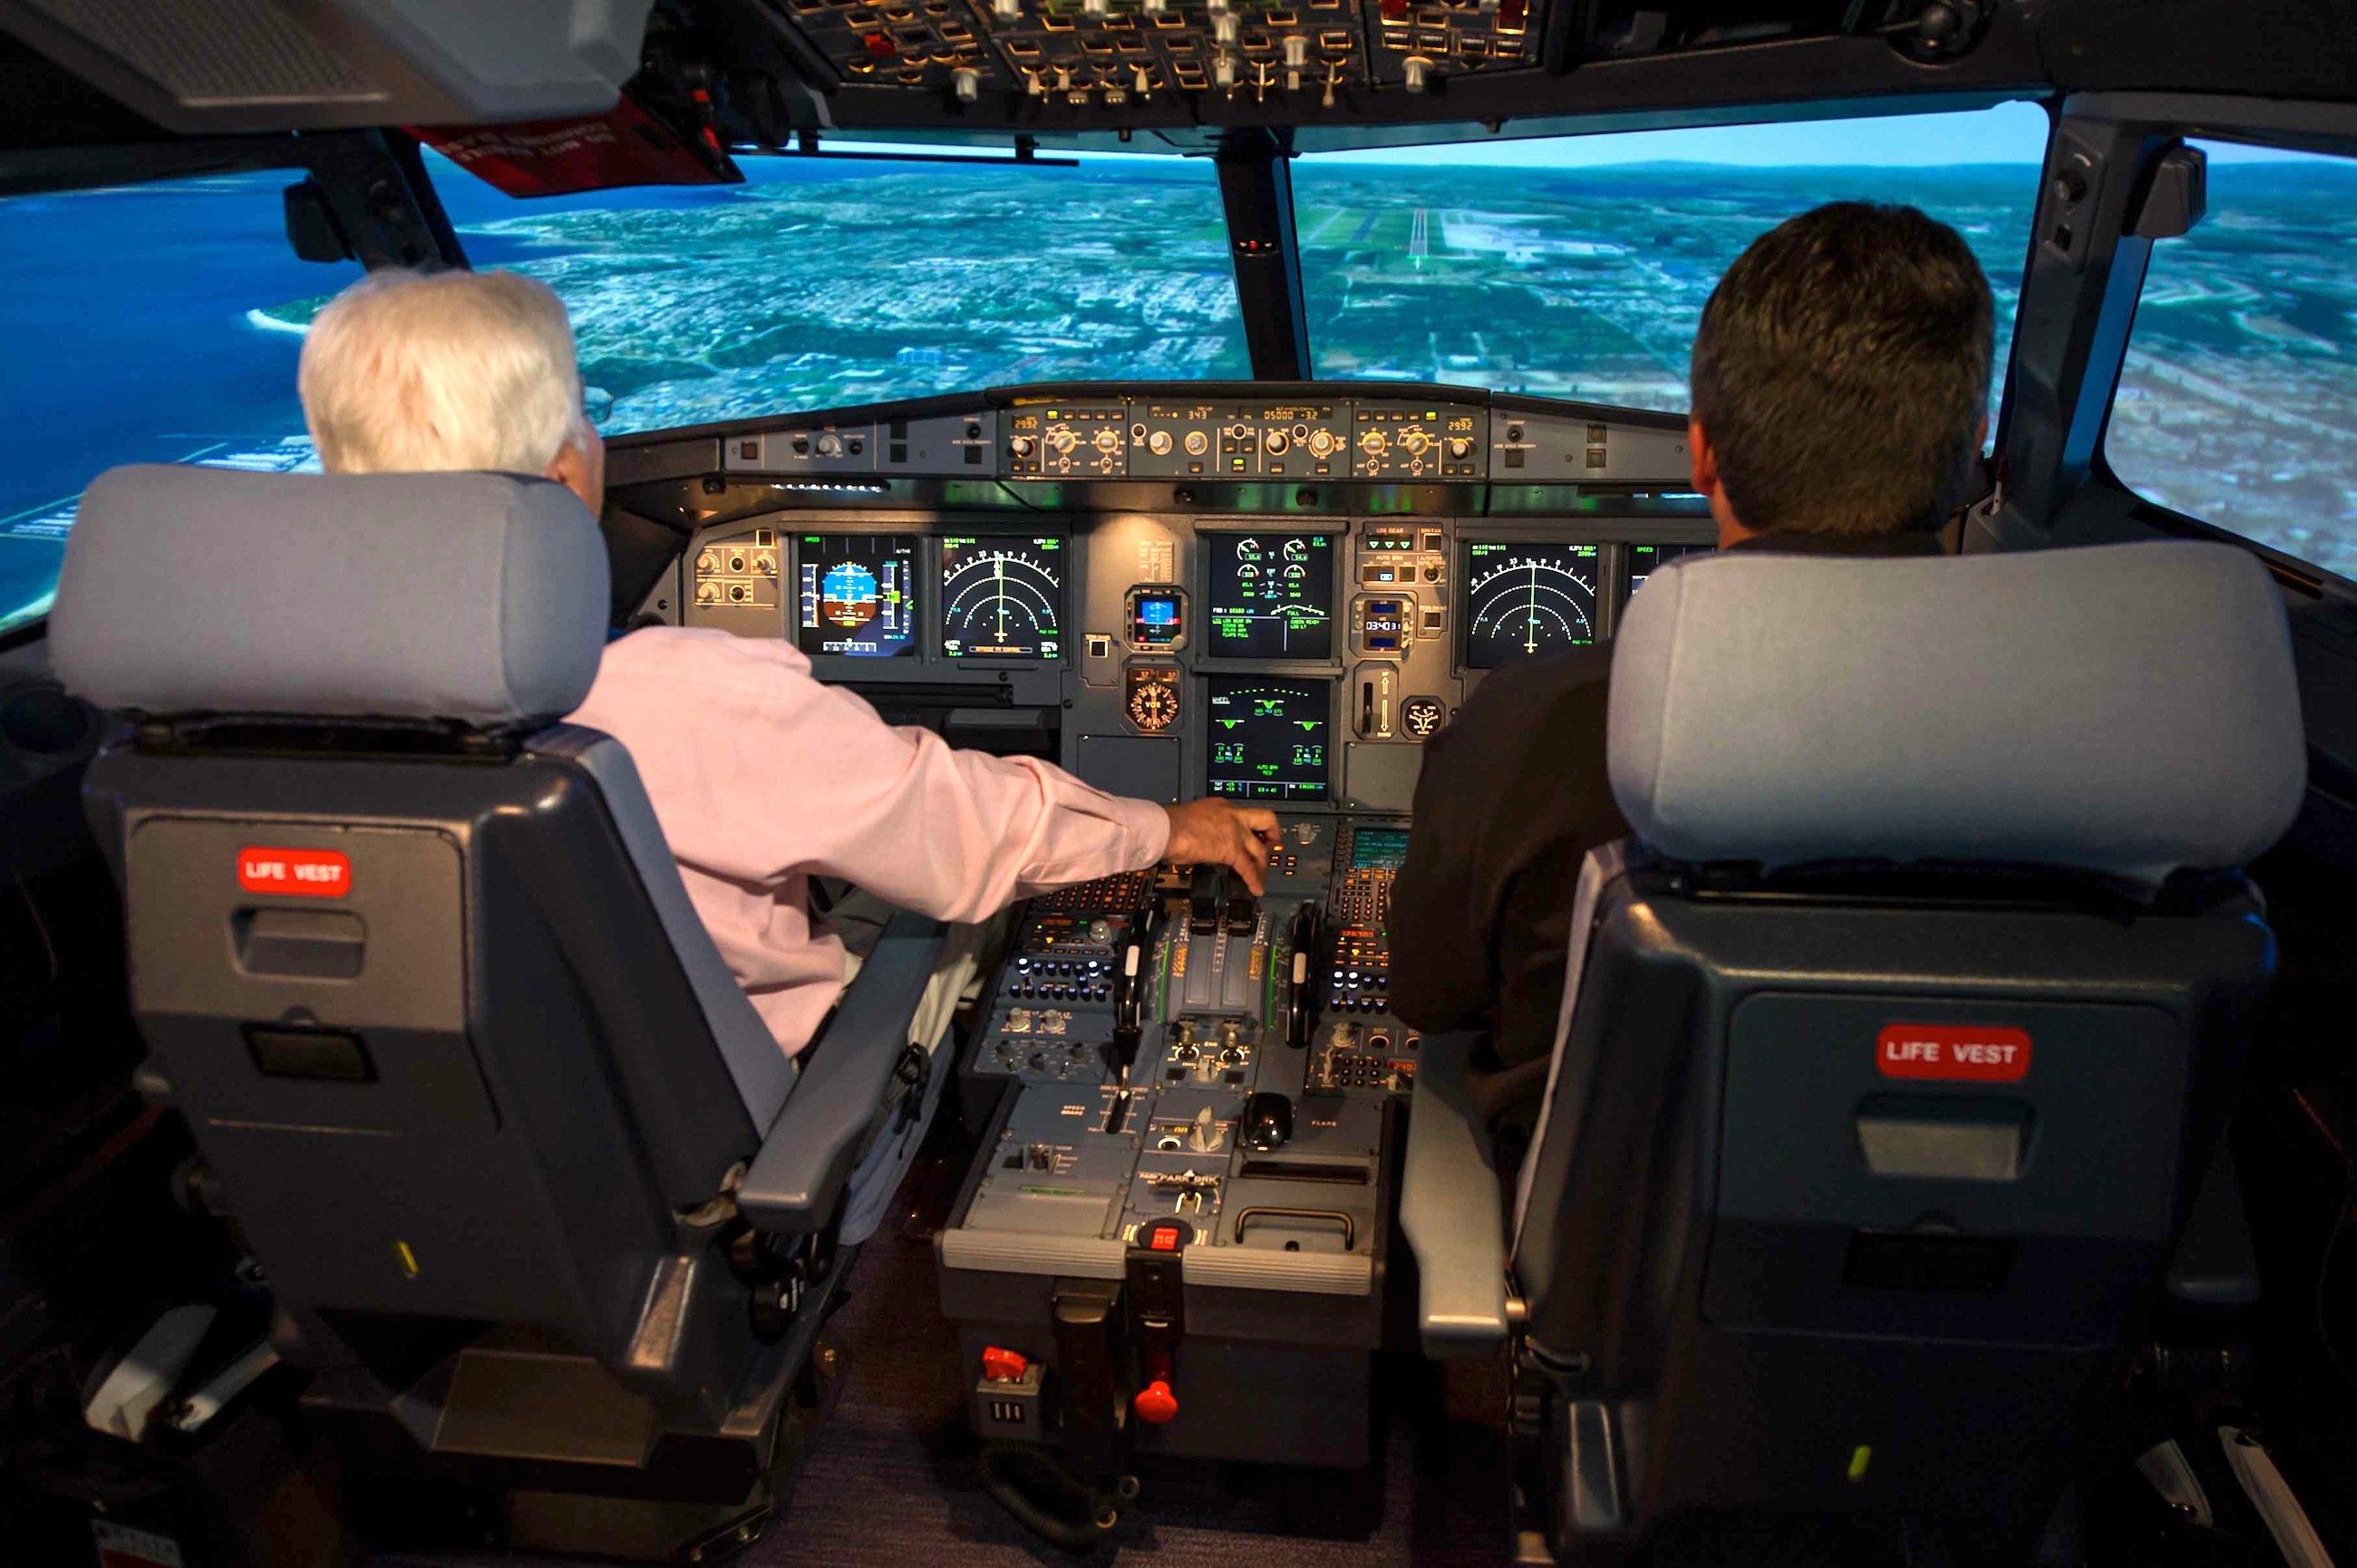 Cockpit eines Airbus: Die Piloten können an der Mittelkonsole die Cockpit-Türe von innen verriegeln, um sich zum Beispiel gegen das Eindringen von Terroristen zu schützen. Der Co-Pilot des Unglücksfluges mit derFlugnummer 4U9525 hat das offenbar getan und dem Piloten den Zutritt verwehrt.